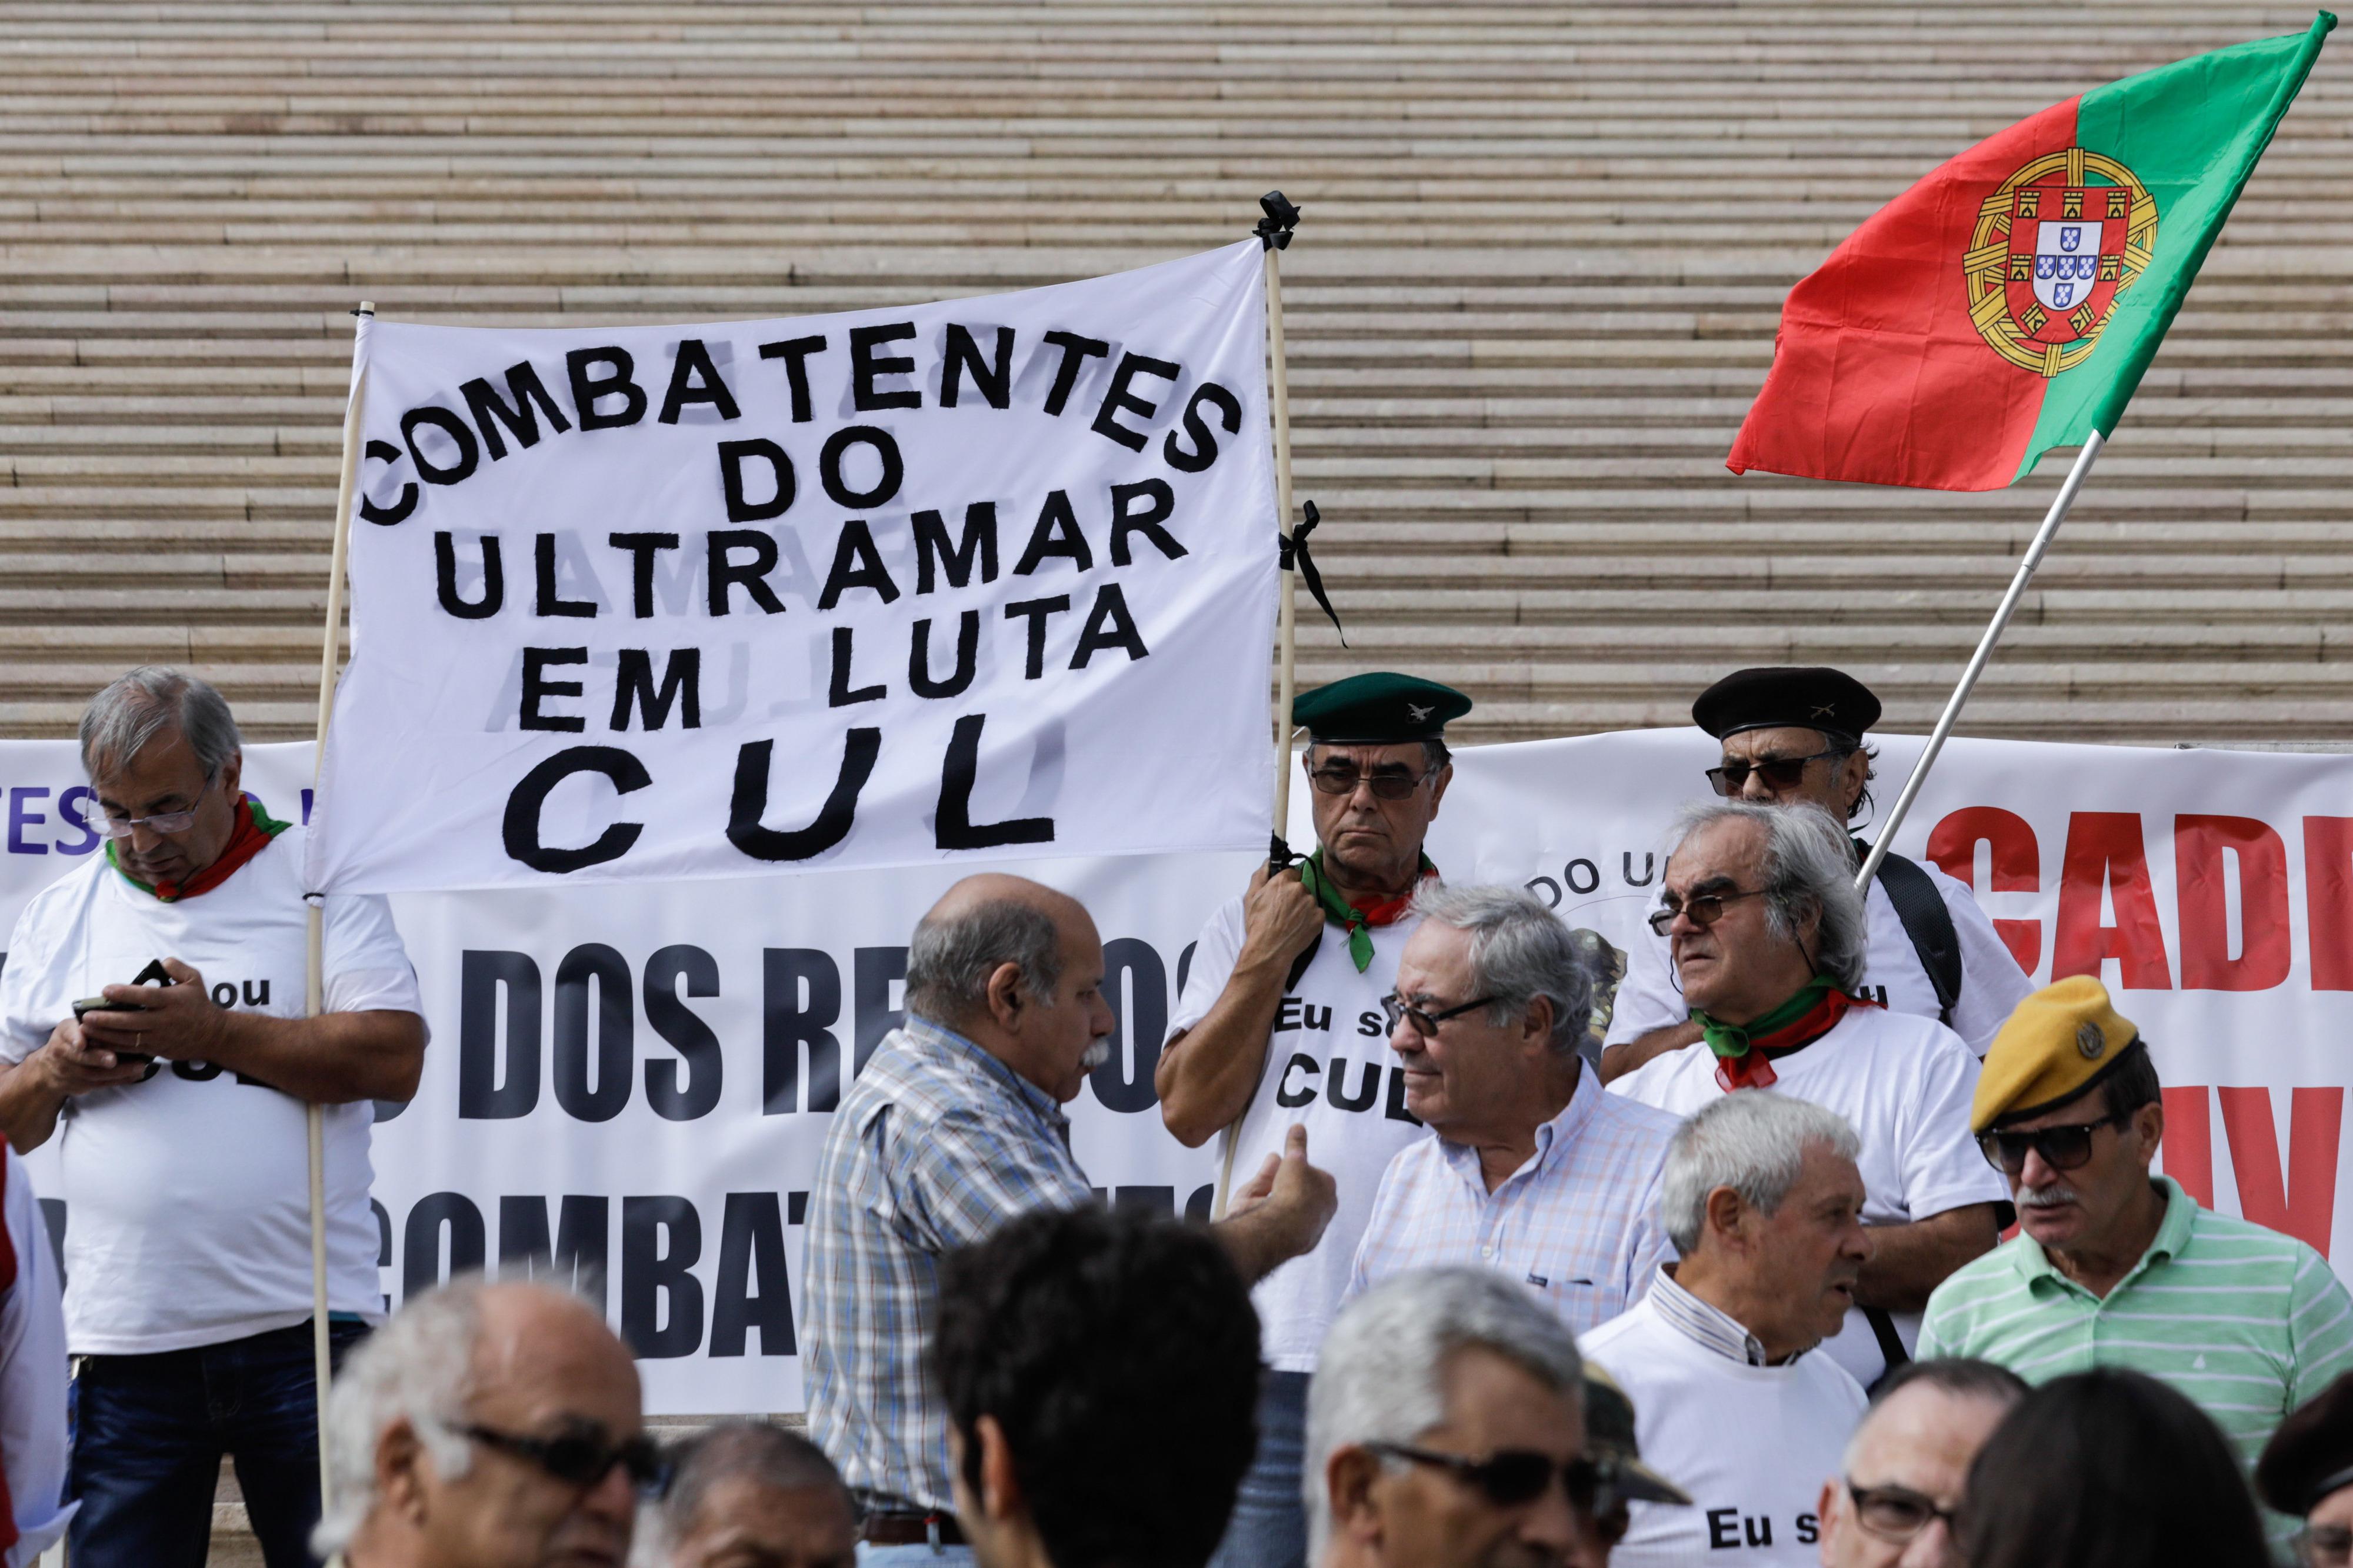 Antigos combatentes prometem concentrações mensais junto ao parlamento para reclamar estatuto